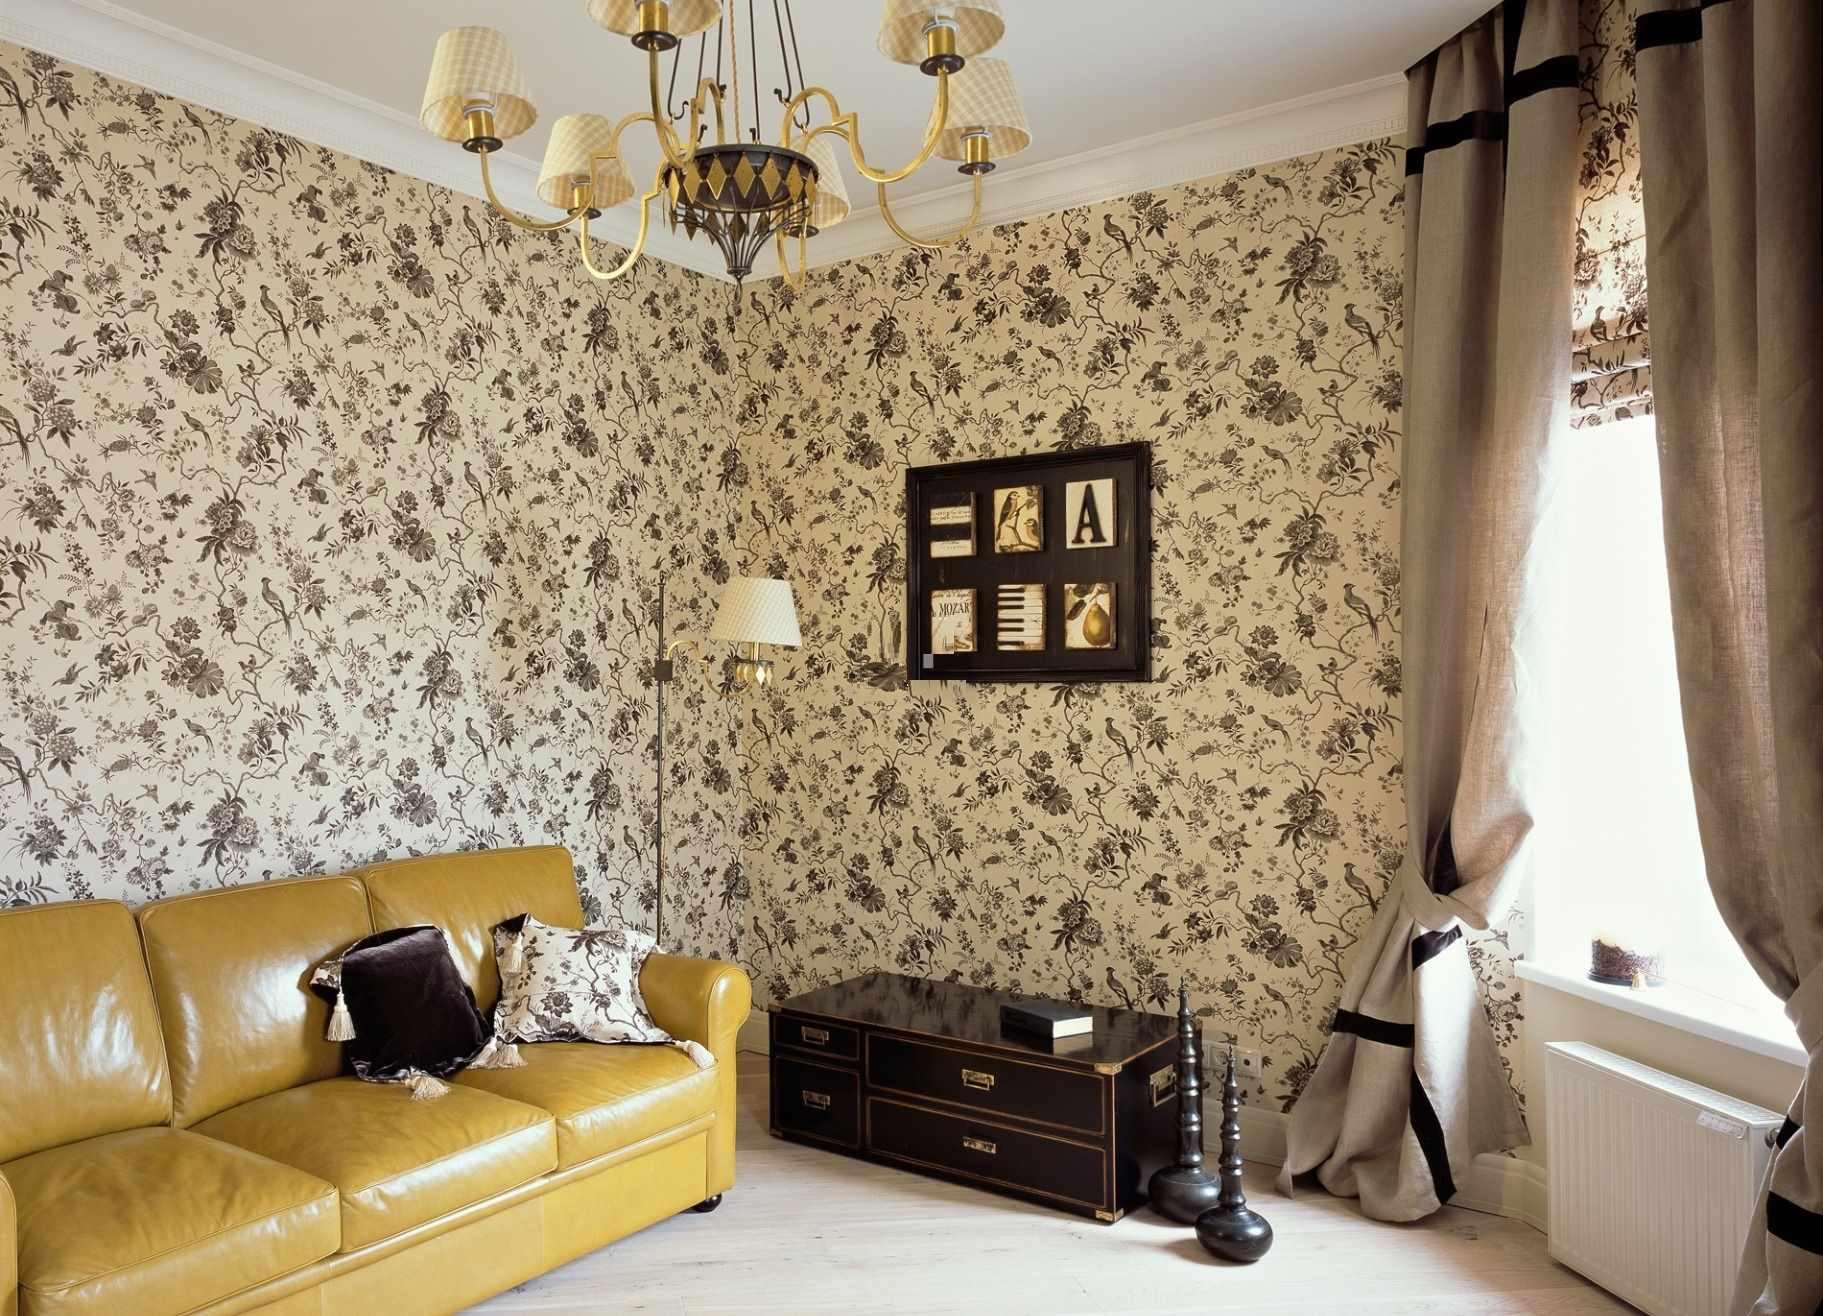 phiên bản thiết kế khác thường của giấy dán tường cho phòng khách